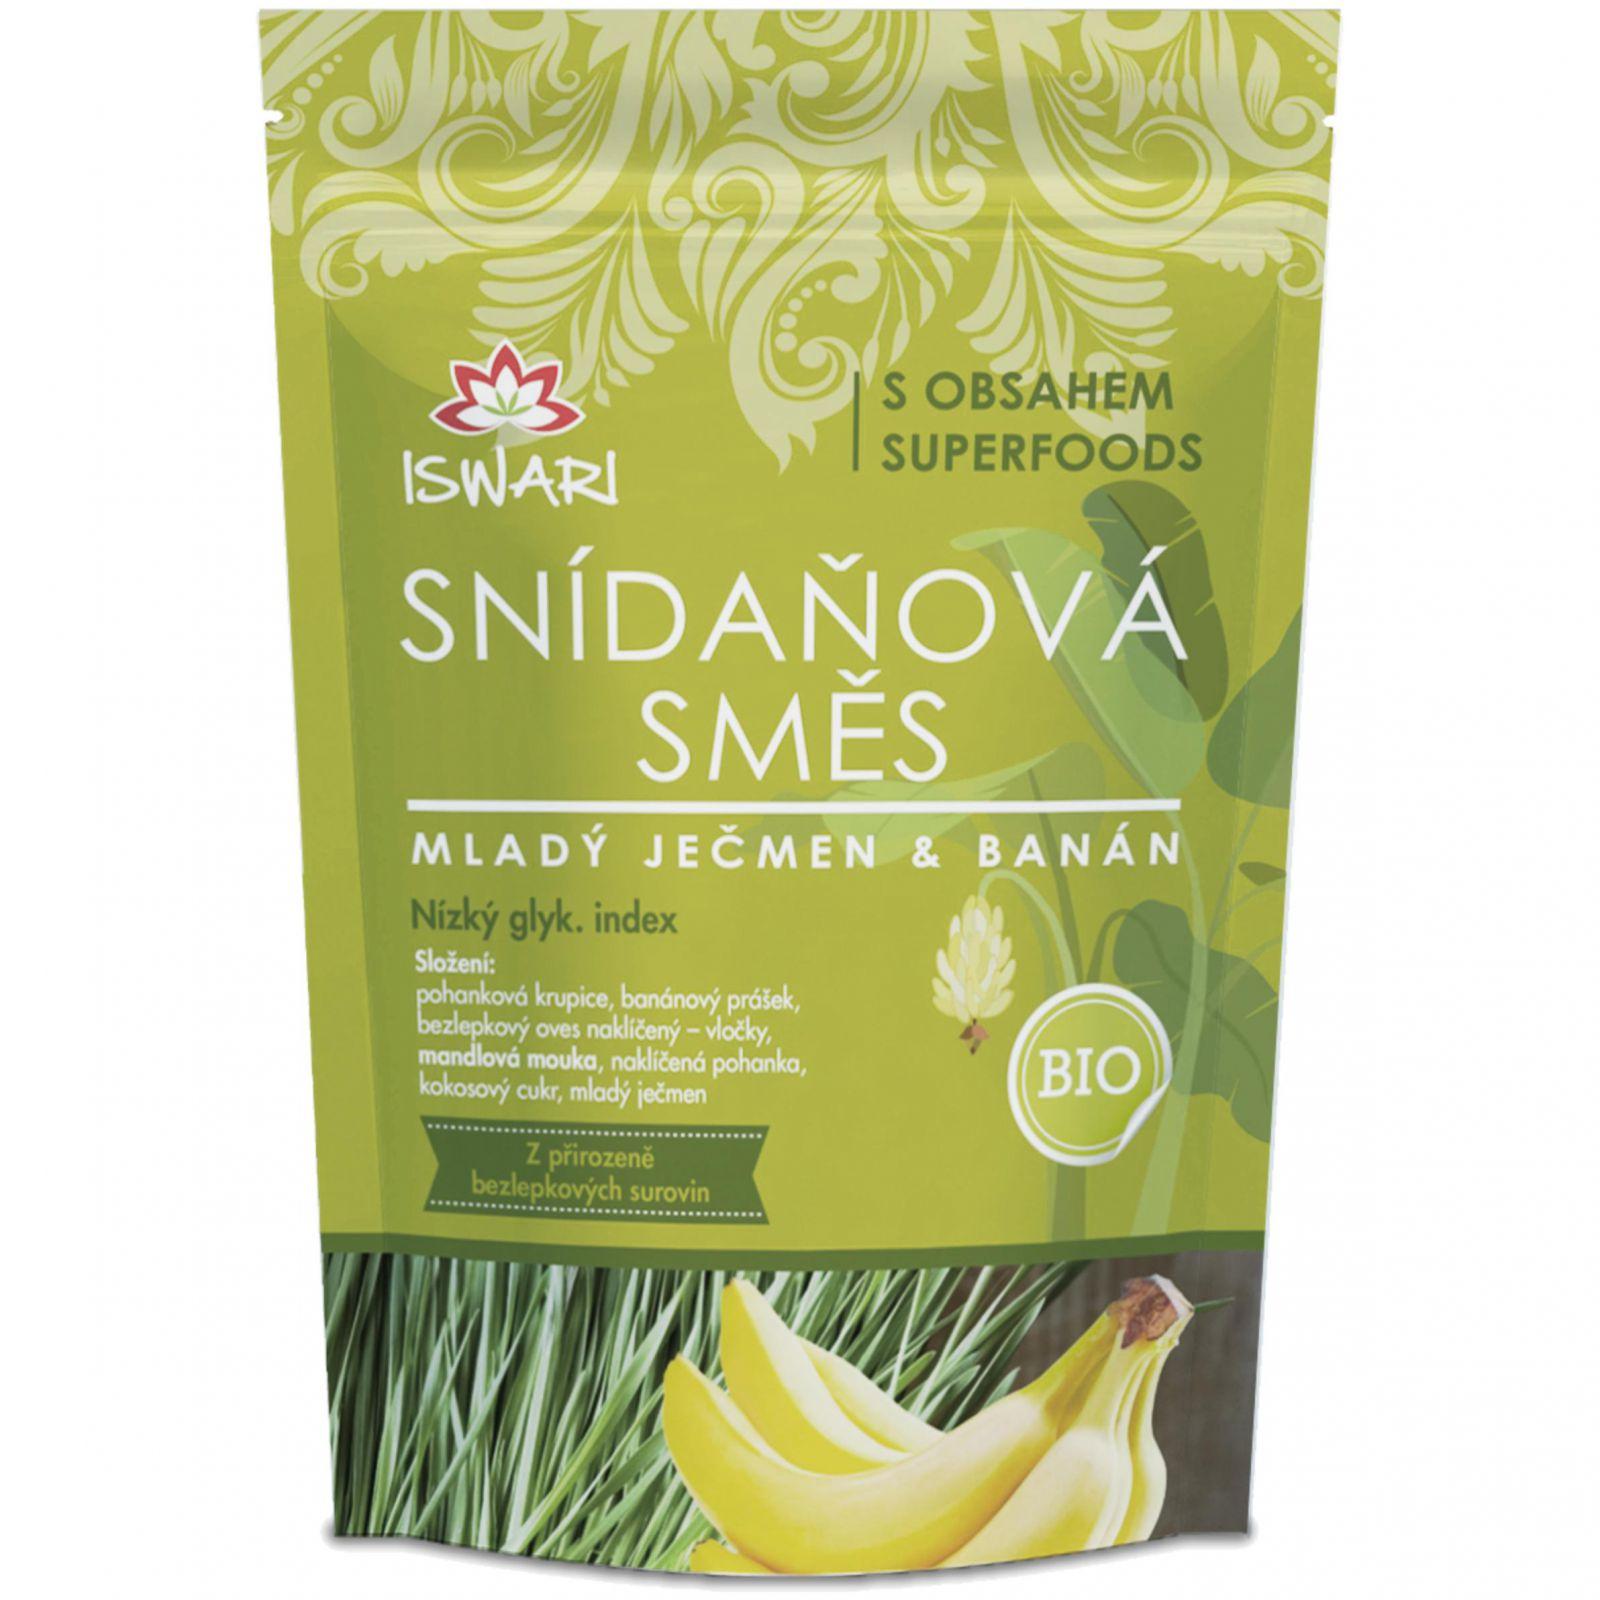 Iswari BIO Snídaňová směs 360 g - mladý ječmen & banán